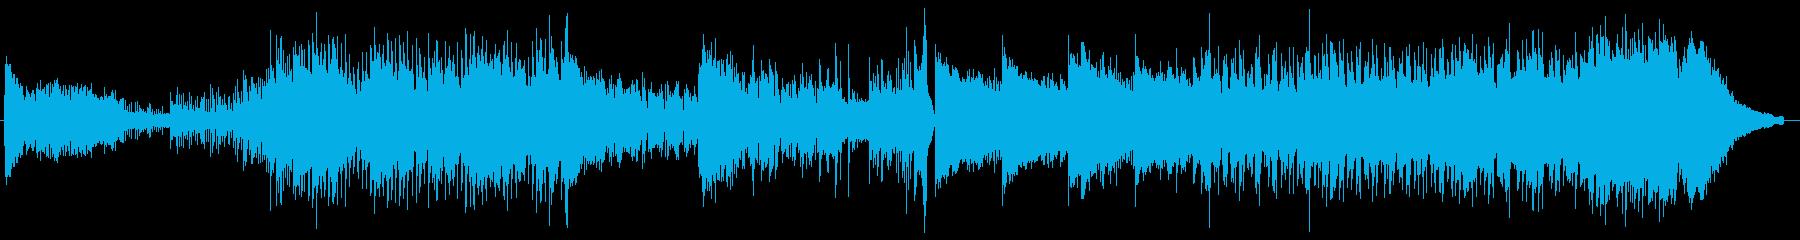 にぎやかでハイテクな雰囲気のメロディーの再生済みの波形